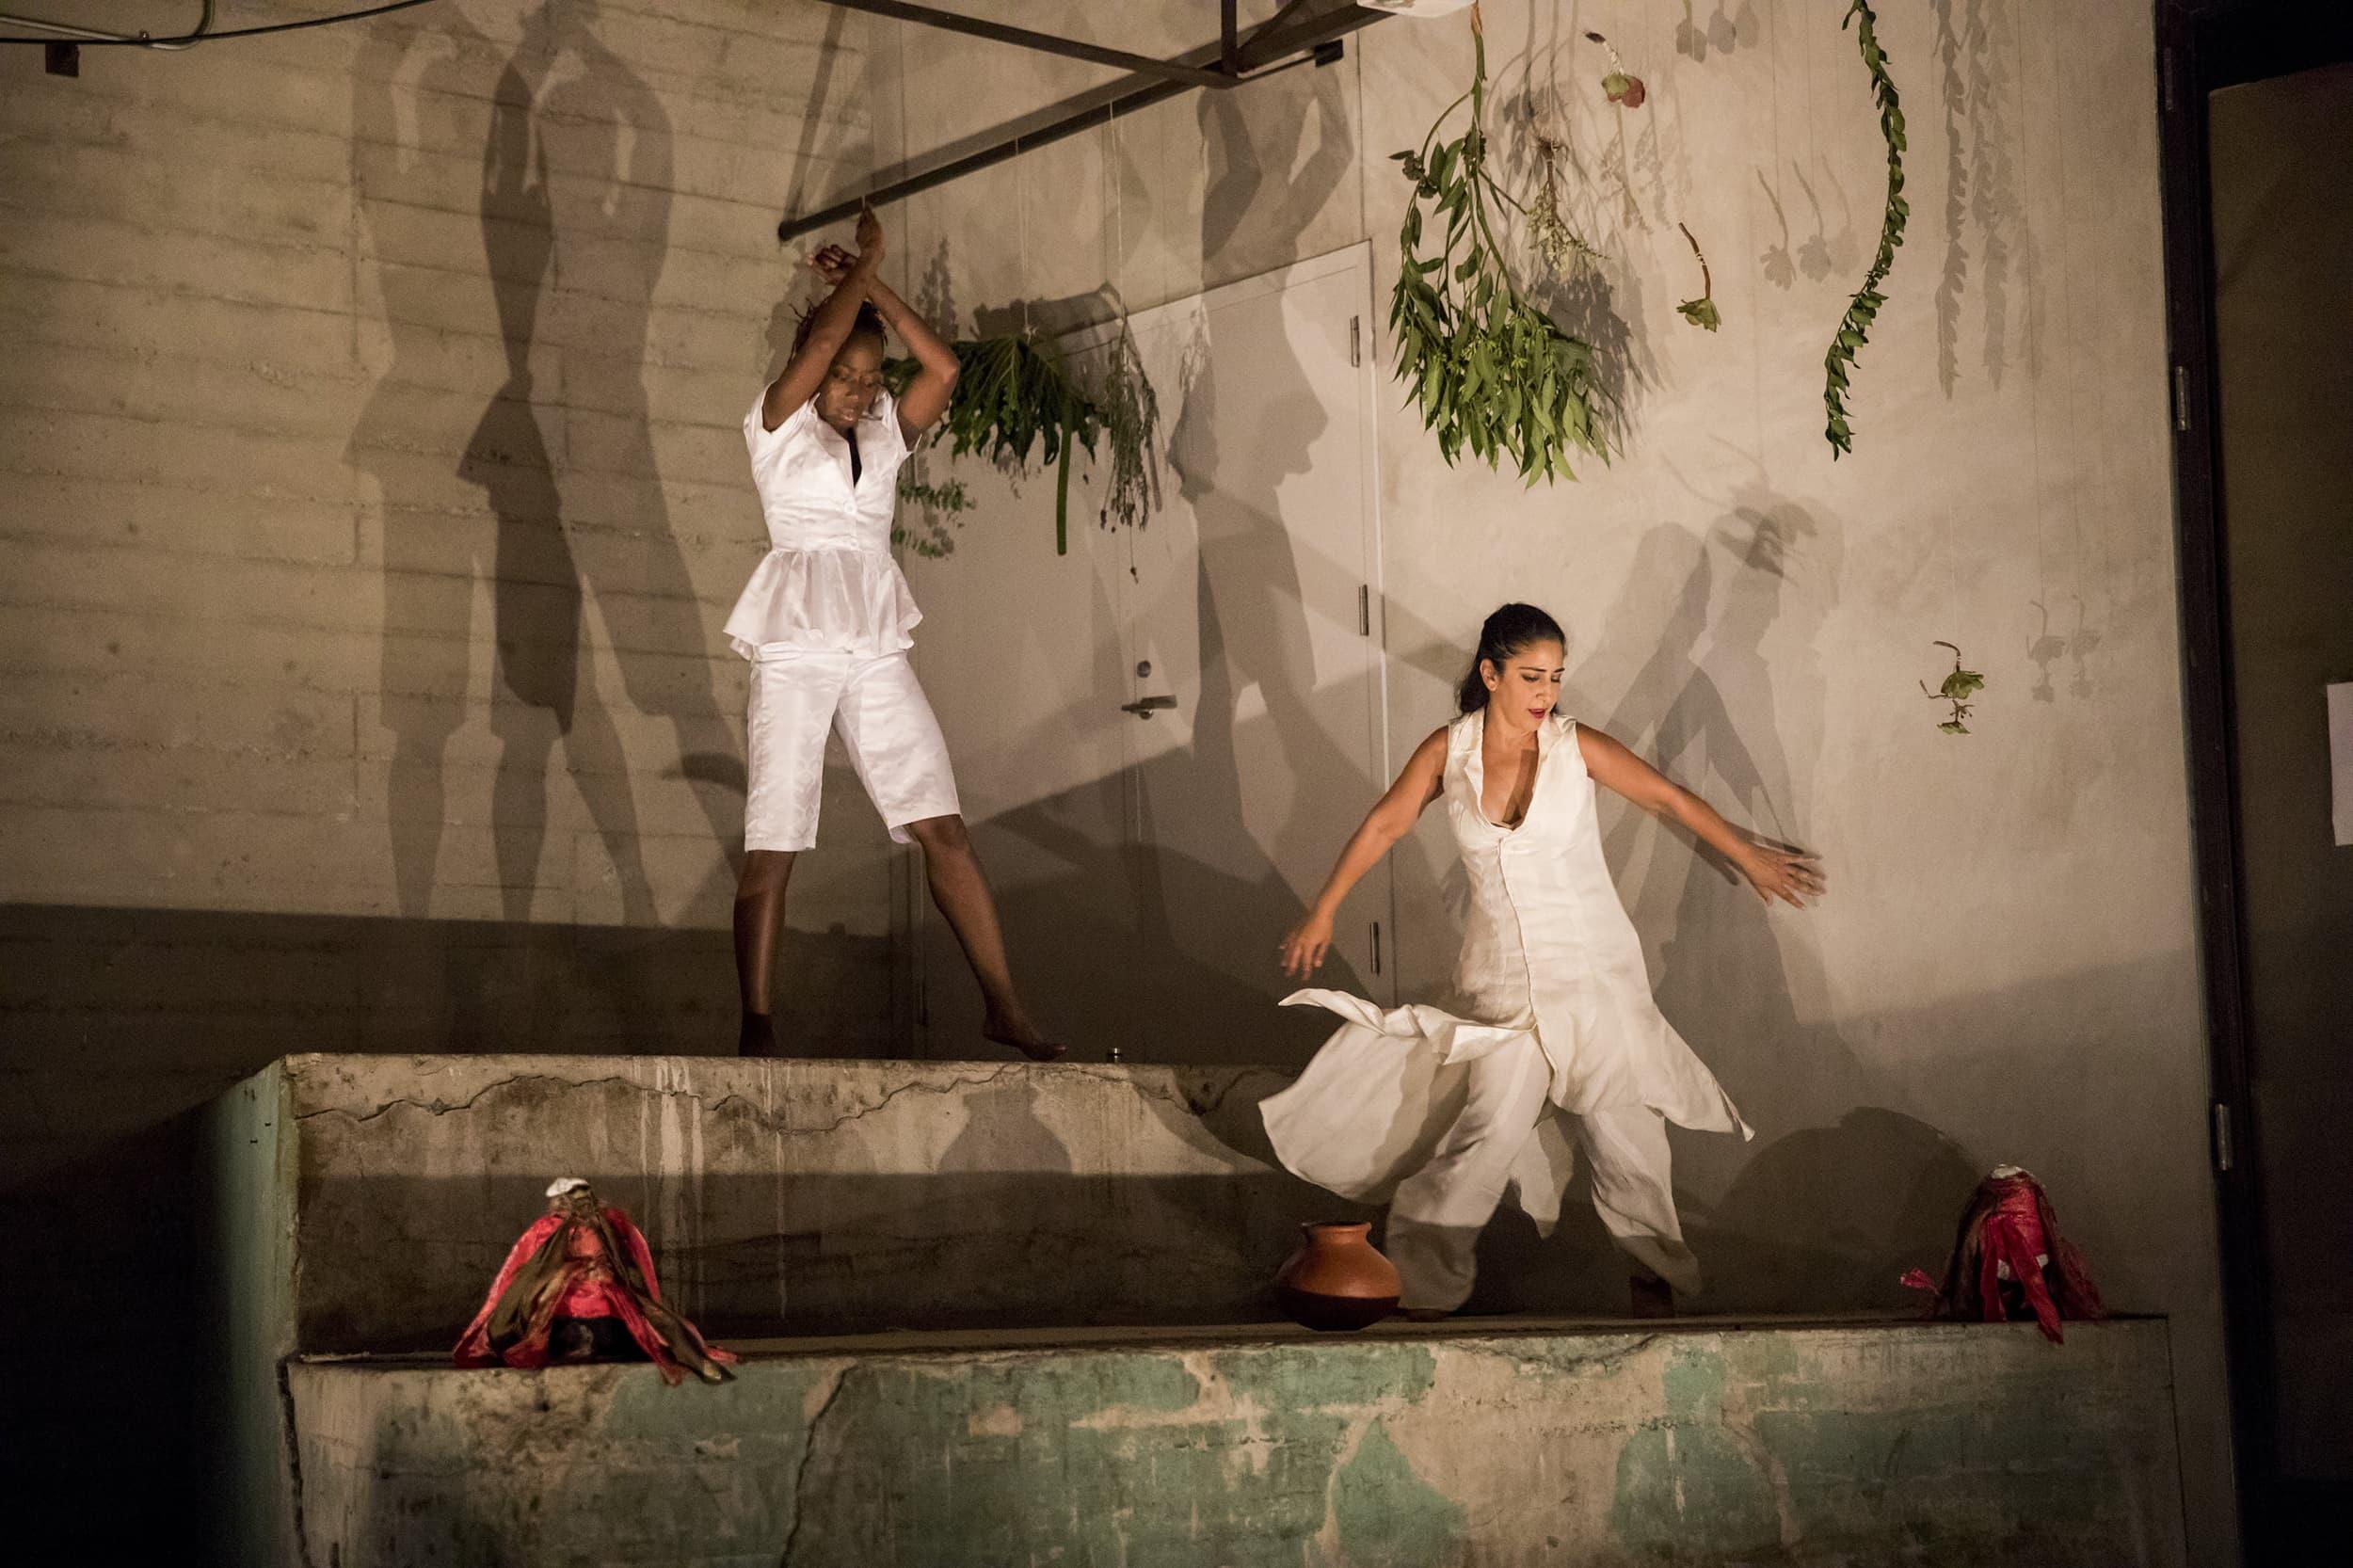 Yeko Ladzekpo-Cole and Sheetal Gandh at Hauser + Wirth